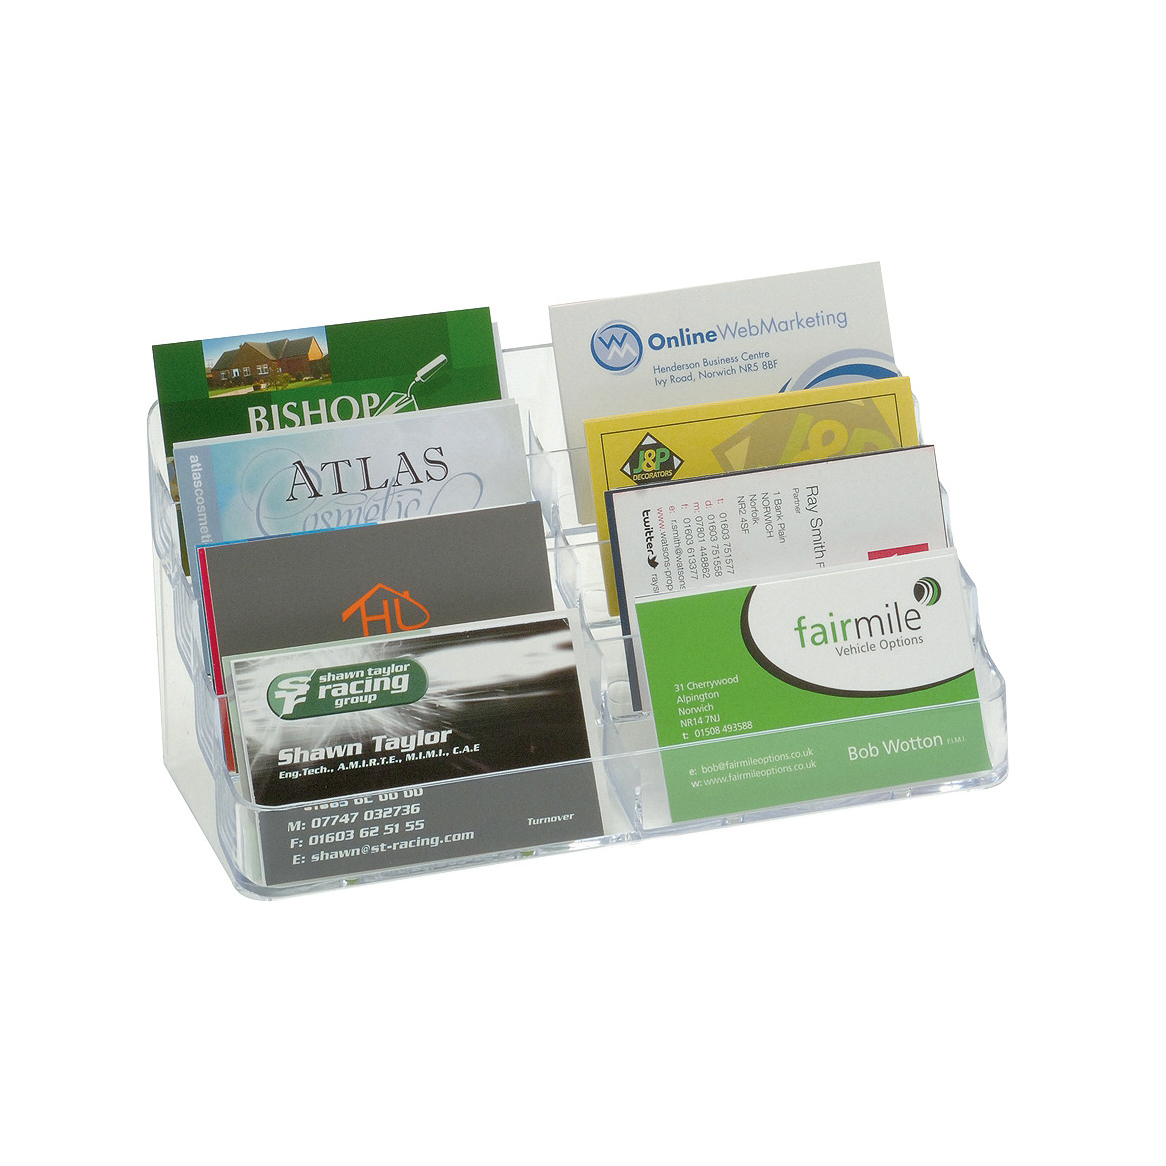 Image for Business Card Holder Desktop 8 Pockets Clear